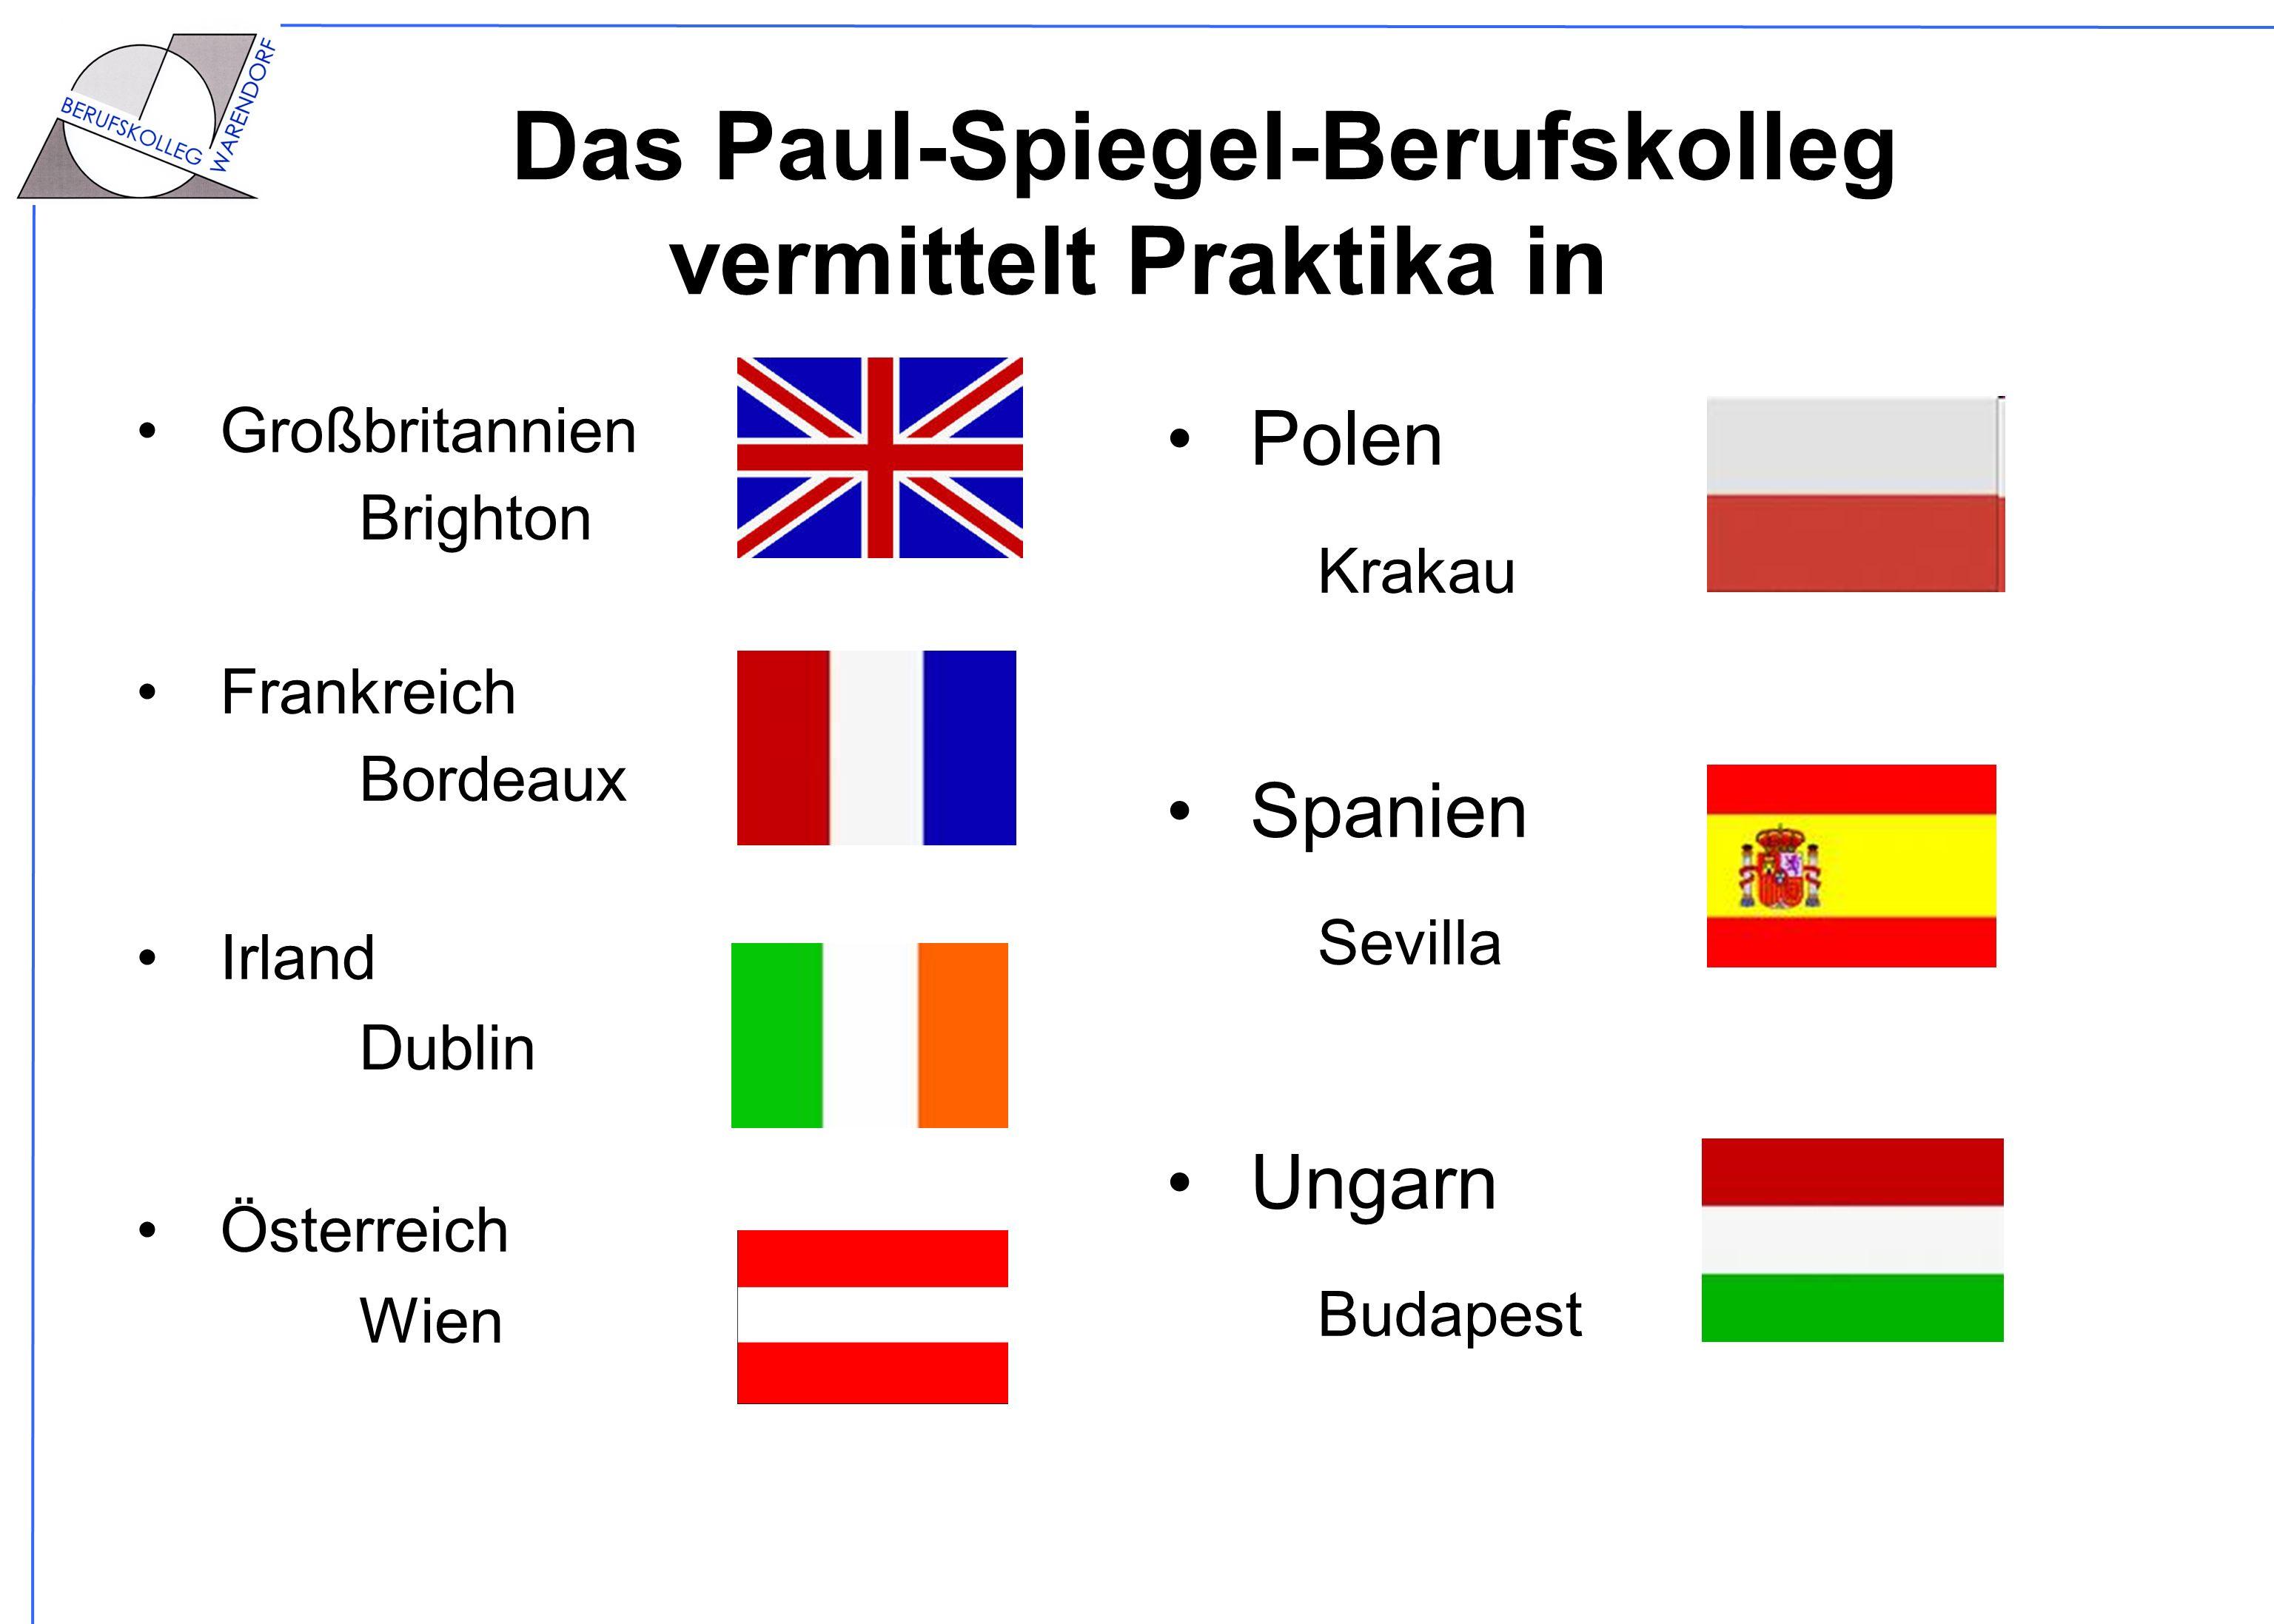 Das Paul-Spiegel-Berufskolleg vermittelt Praktika in Großbritannien Brighton Frankreich Bordeaux Irland Dublin Österreich Wien Polen Krakau Spanien Se